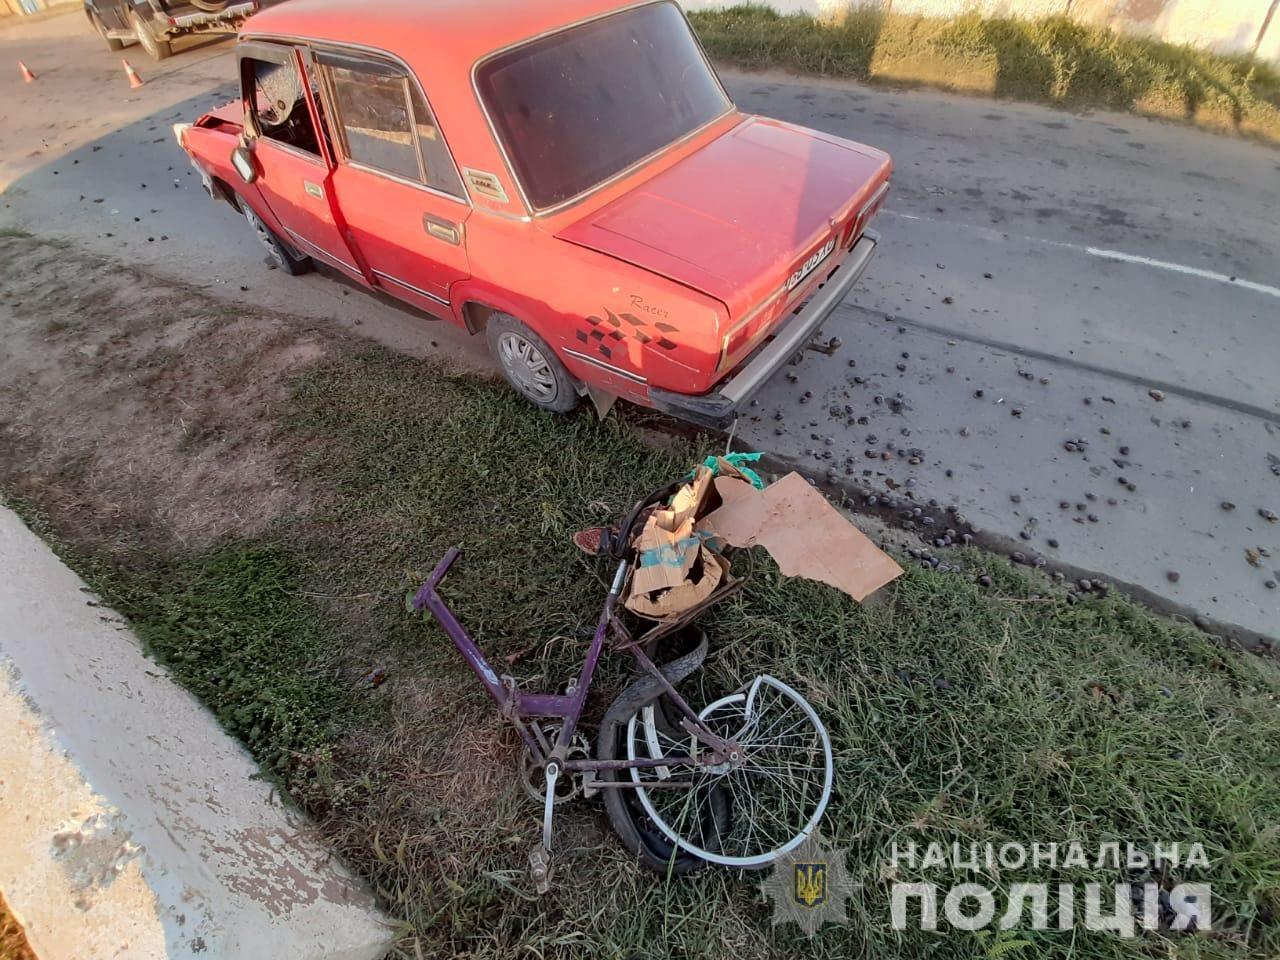 """На Херсонщине пьяный водитель """"Жигулей"""" насмерть сбил пенсионерку на велосипеде"""